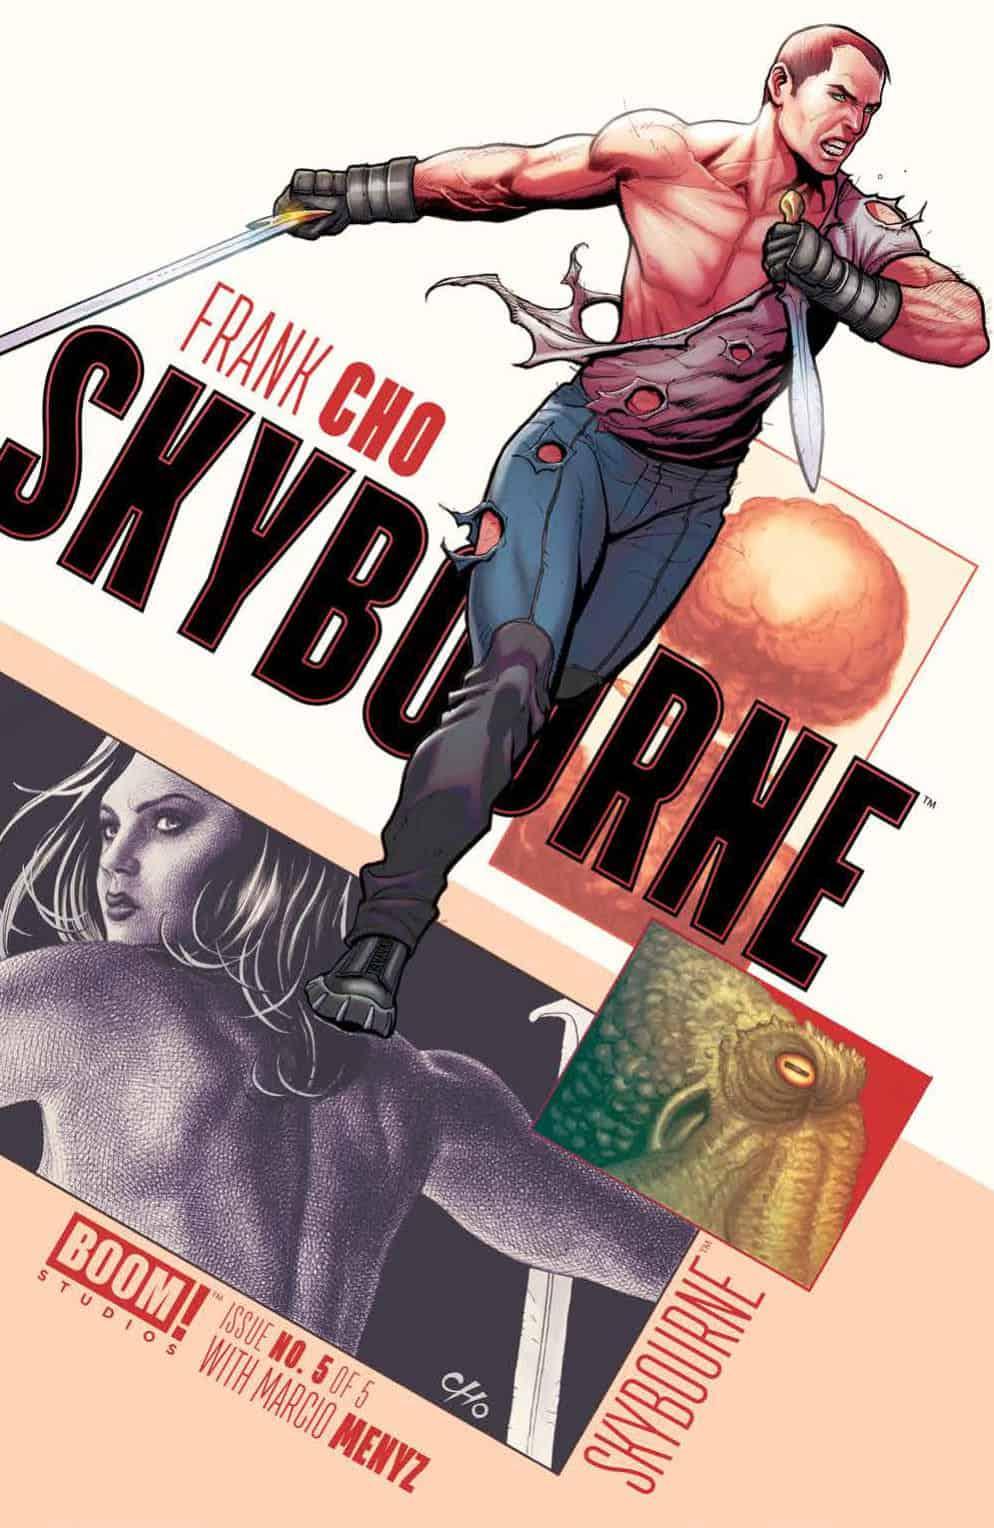 Skybourne #5